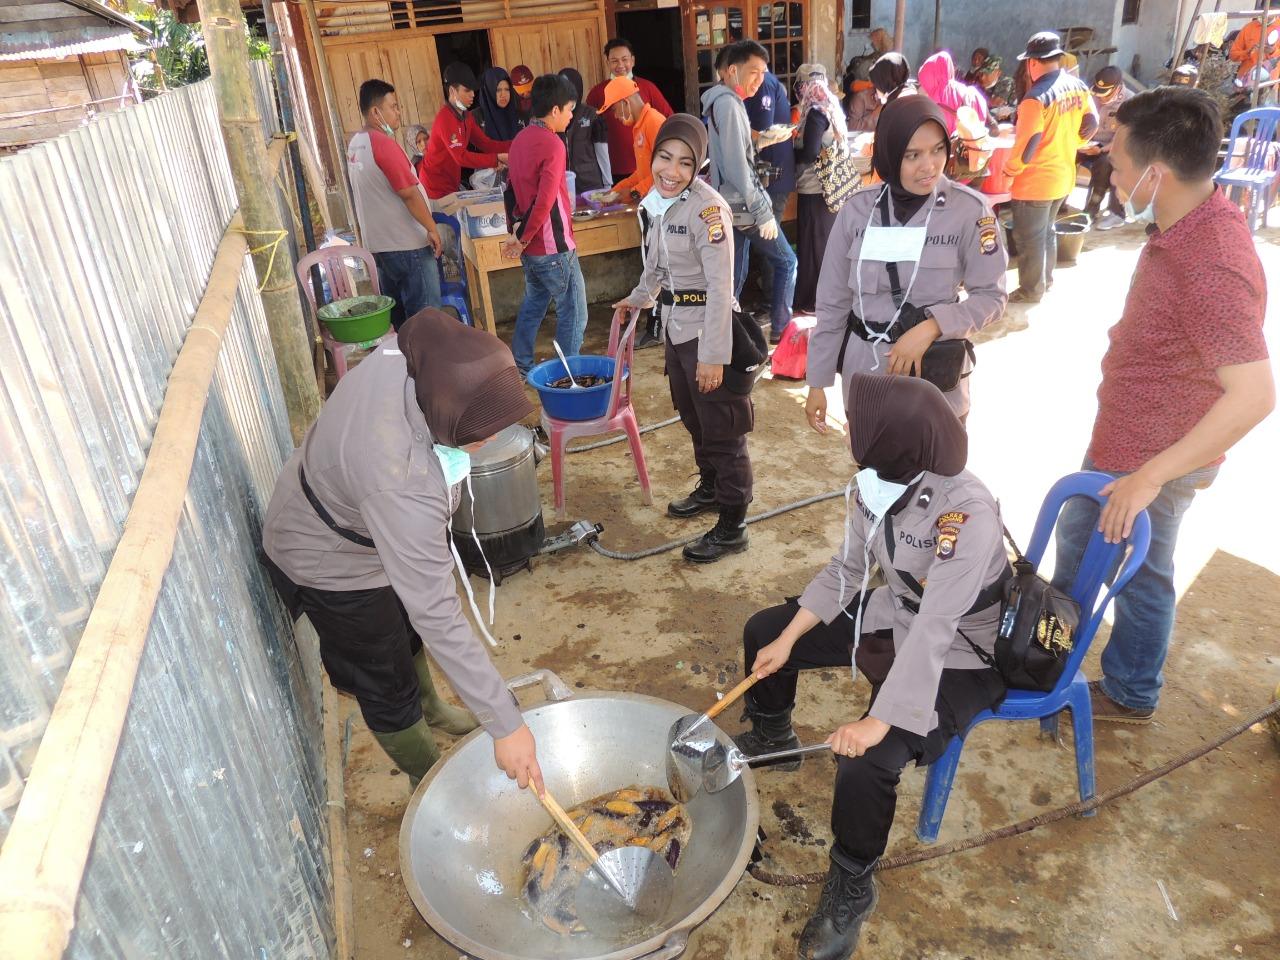 Srikandi Polres Kepahiang Berganti Peran Jadi Koki di Dapur Umum